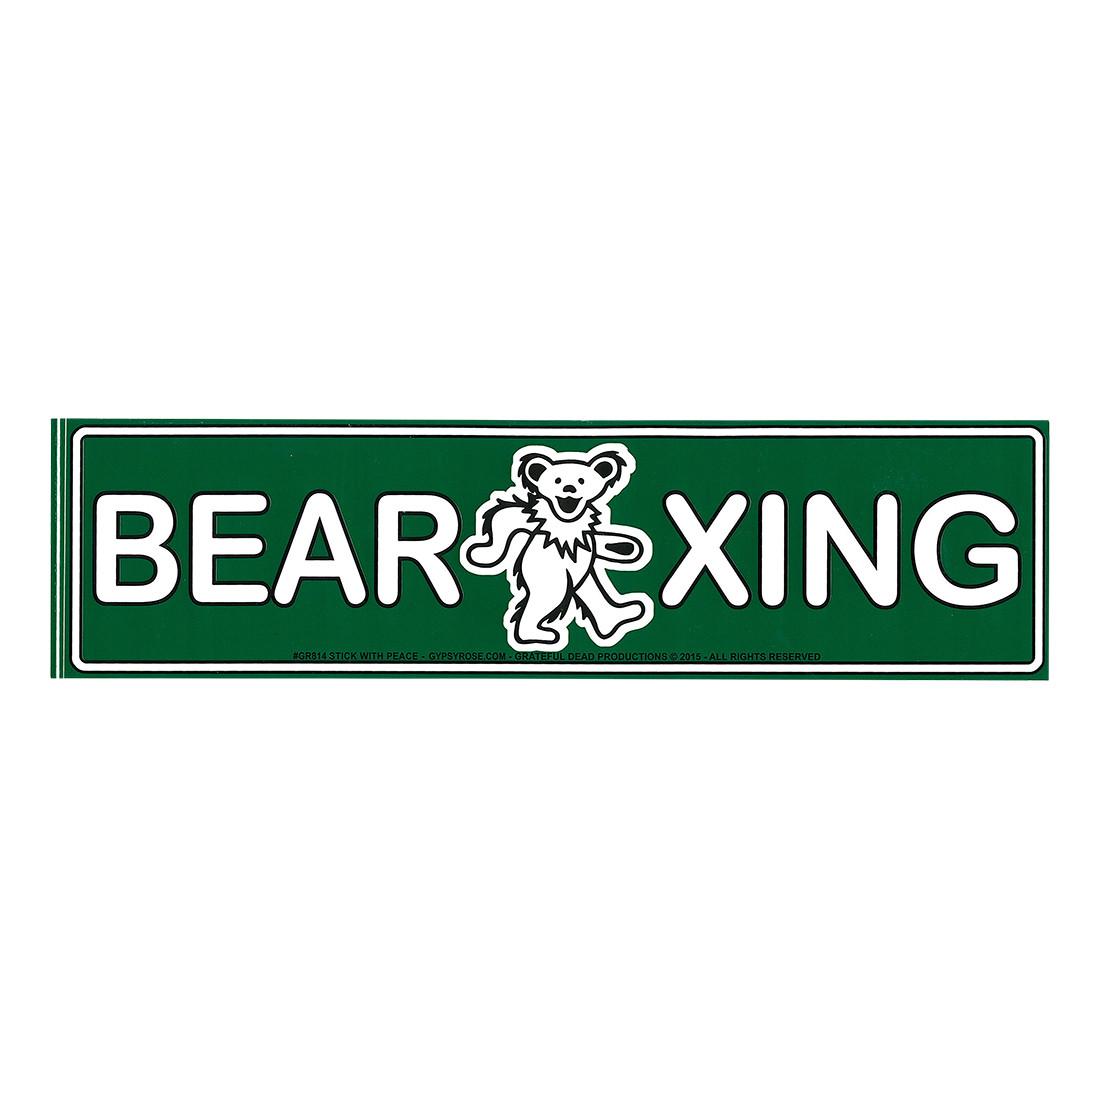 GD Bear Crossing Sticker